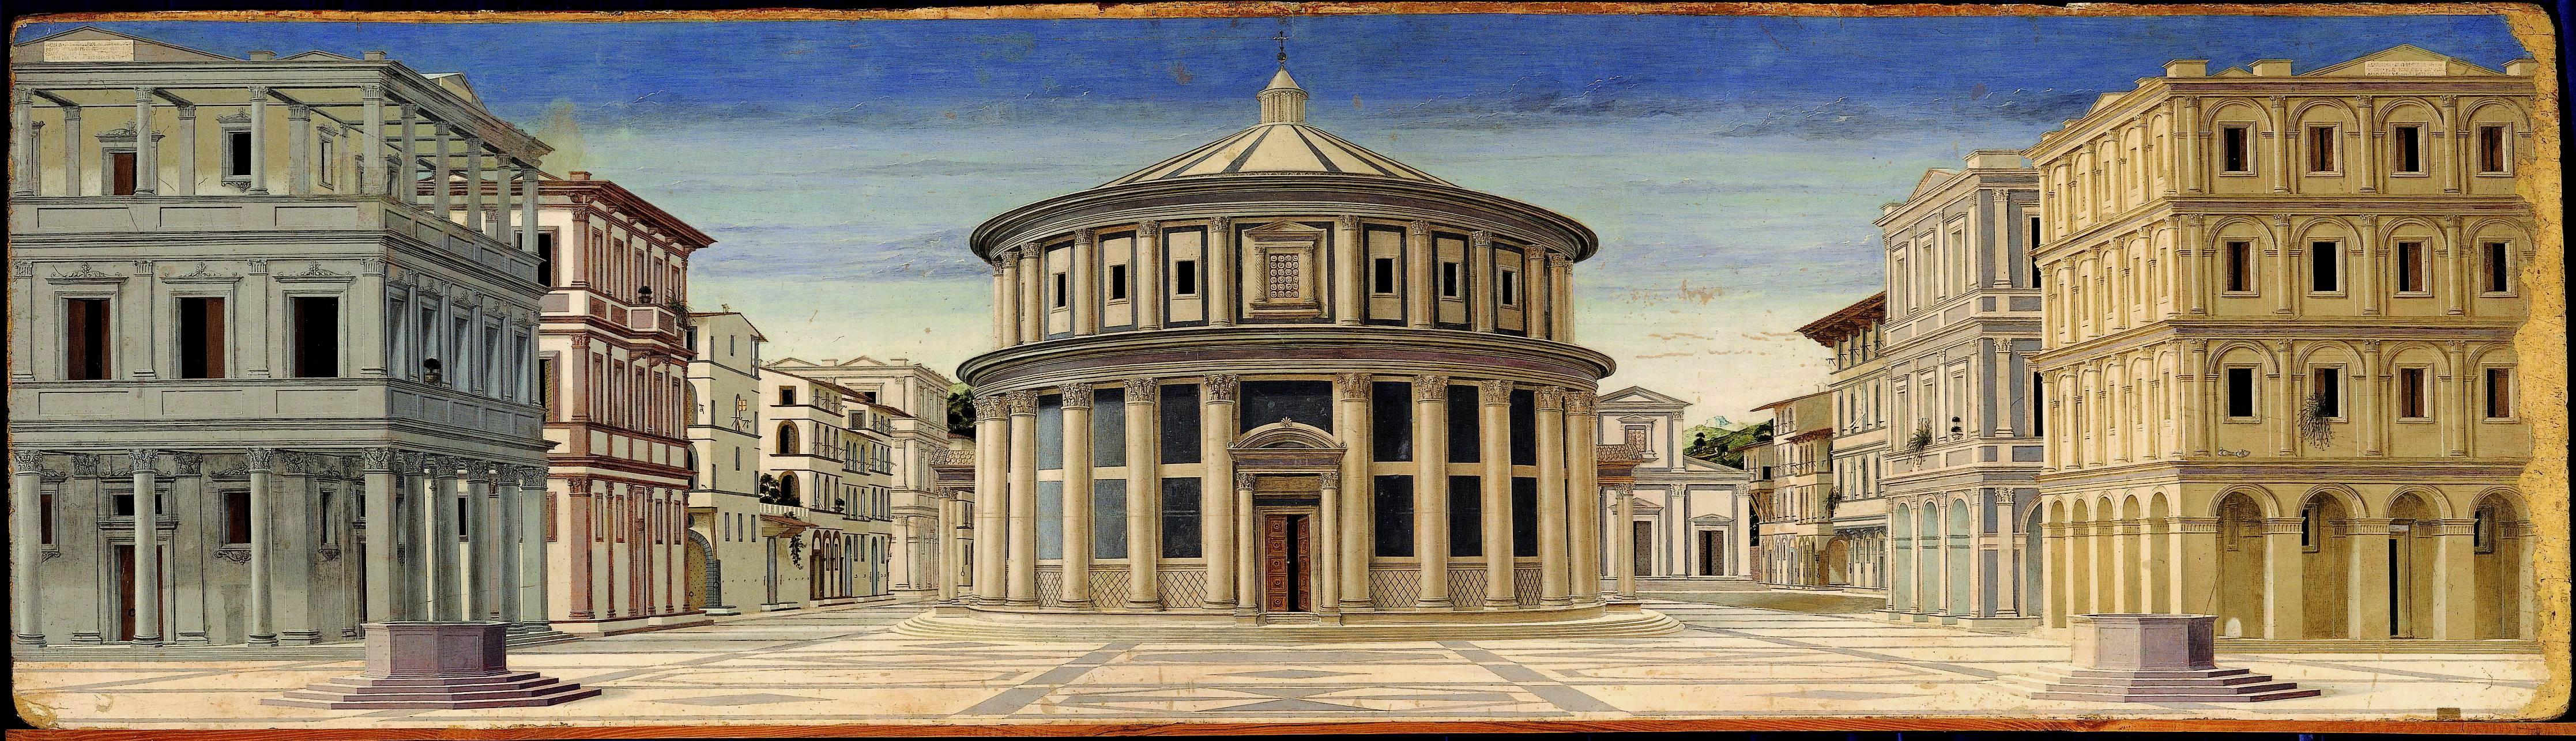 Quatre axes de réflexion pour la refondation de l'architecture sur Terre